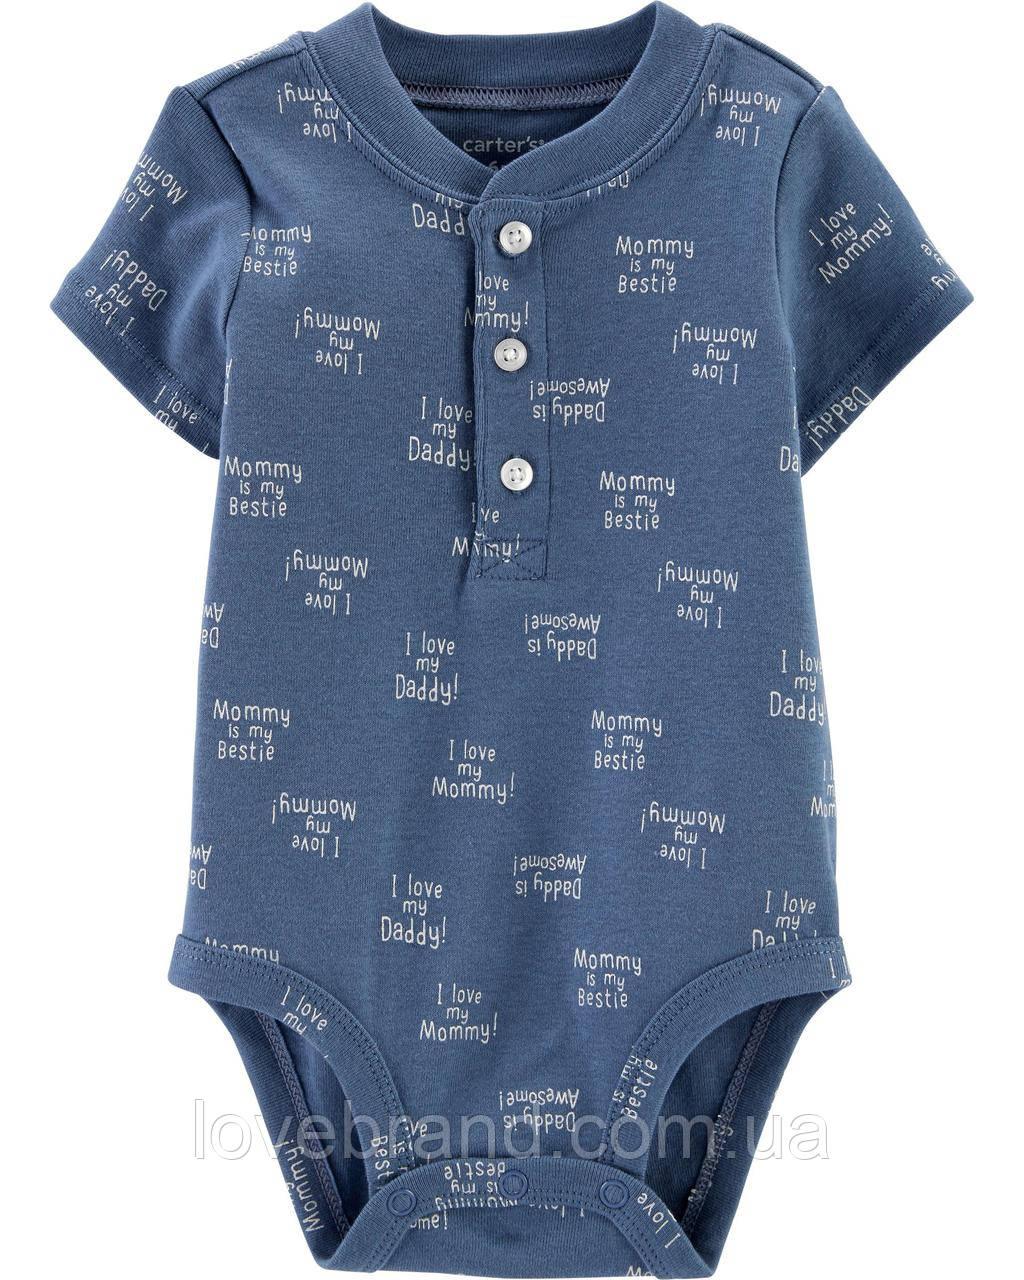 Бодик футболка на мальчика Carter's синий с пуговицами